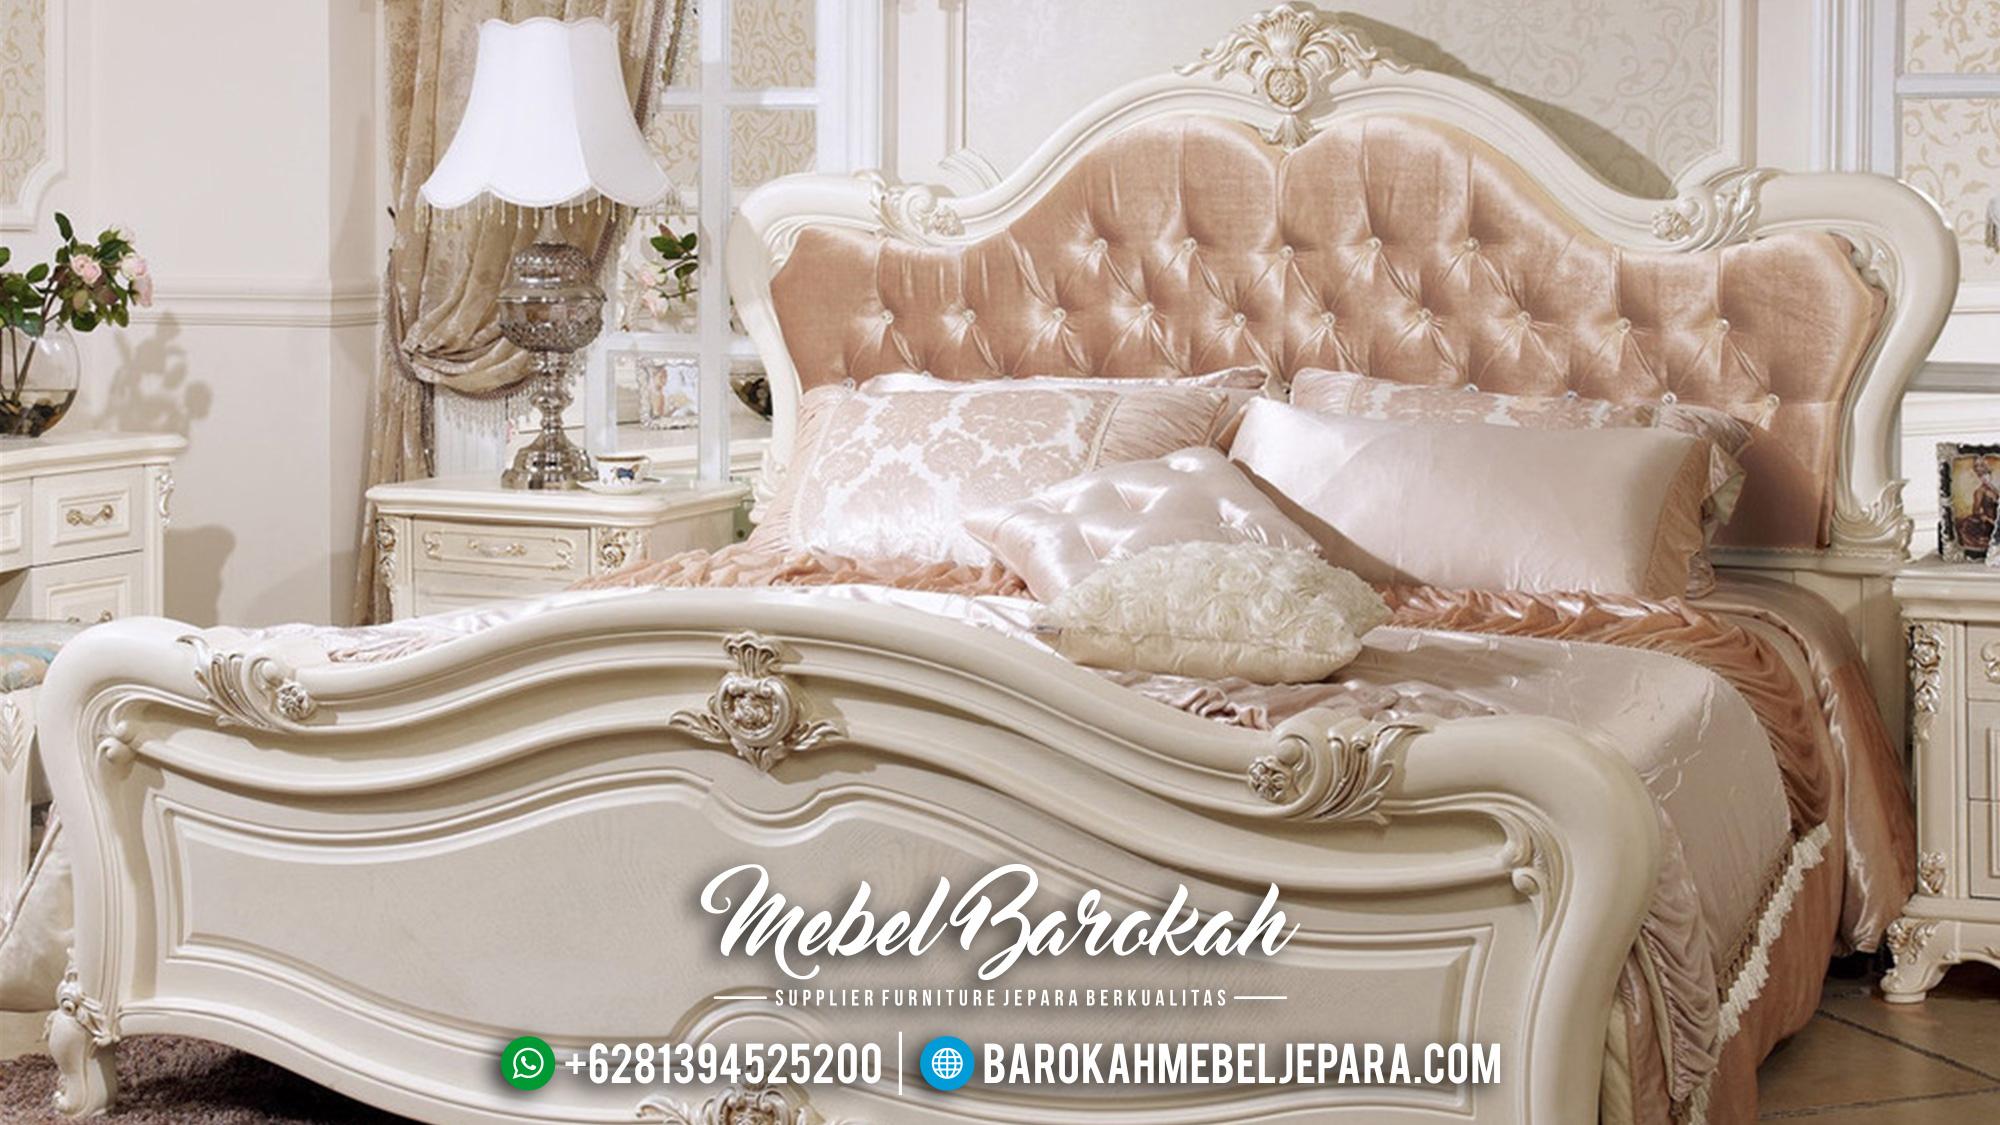 Set Kamar Tidur Klasik Mewah Terbaru Jepara Shaen Krov MB-004 Gambar 1